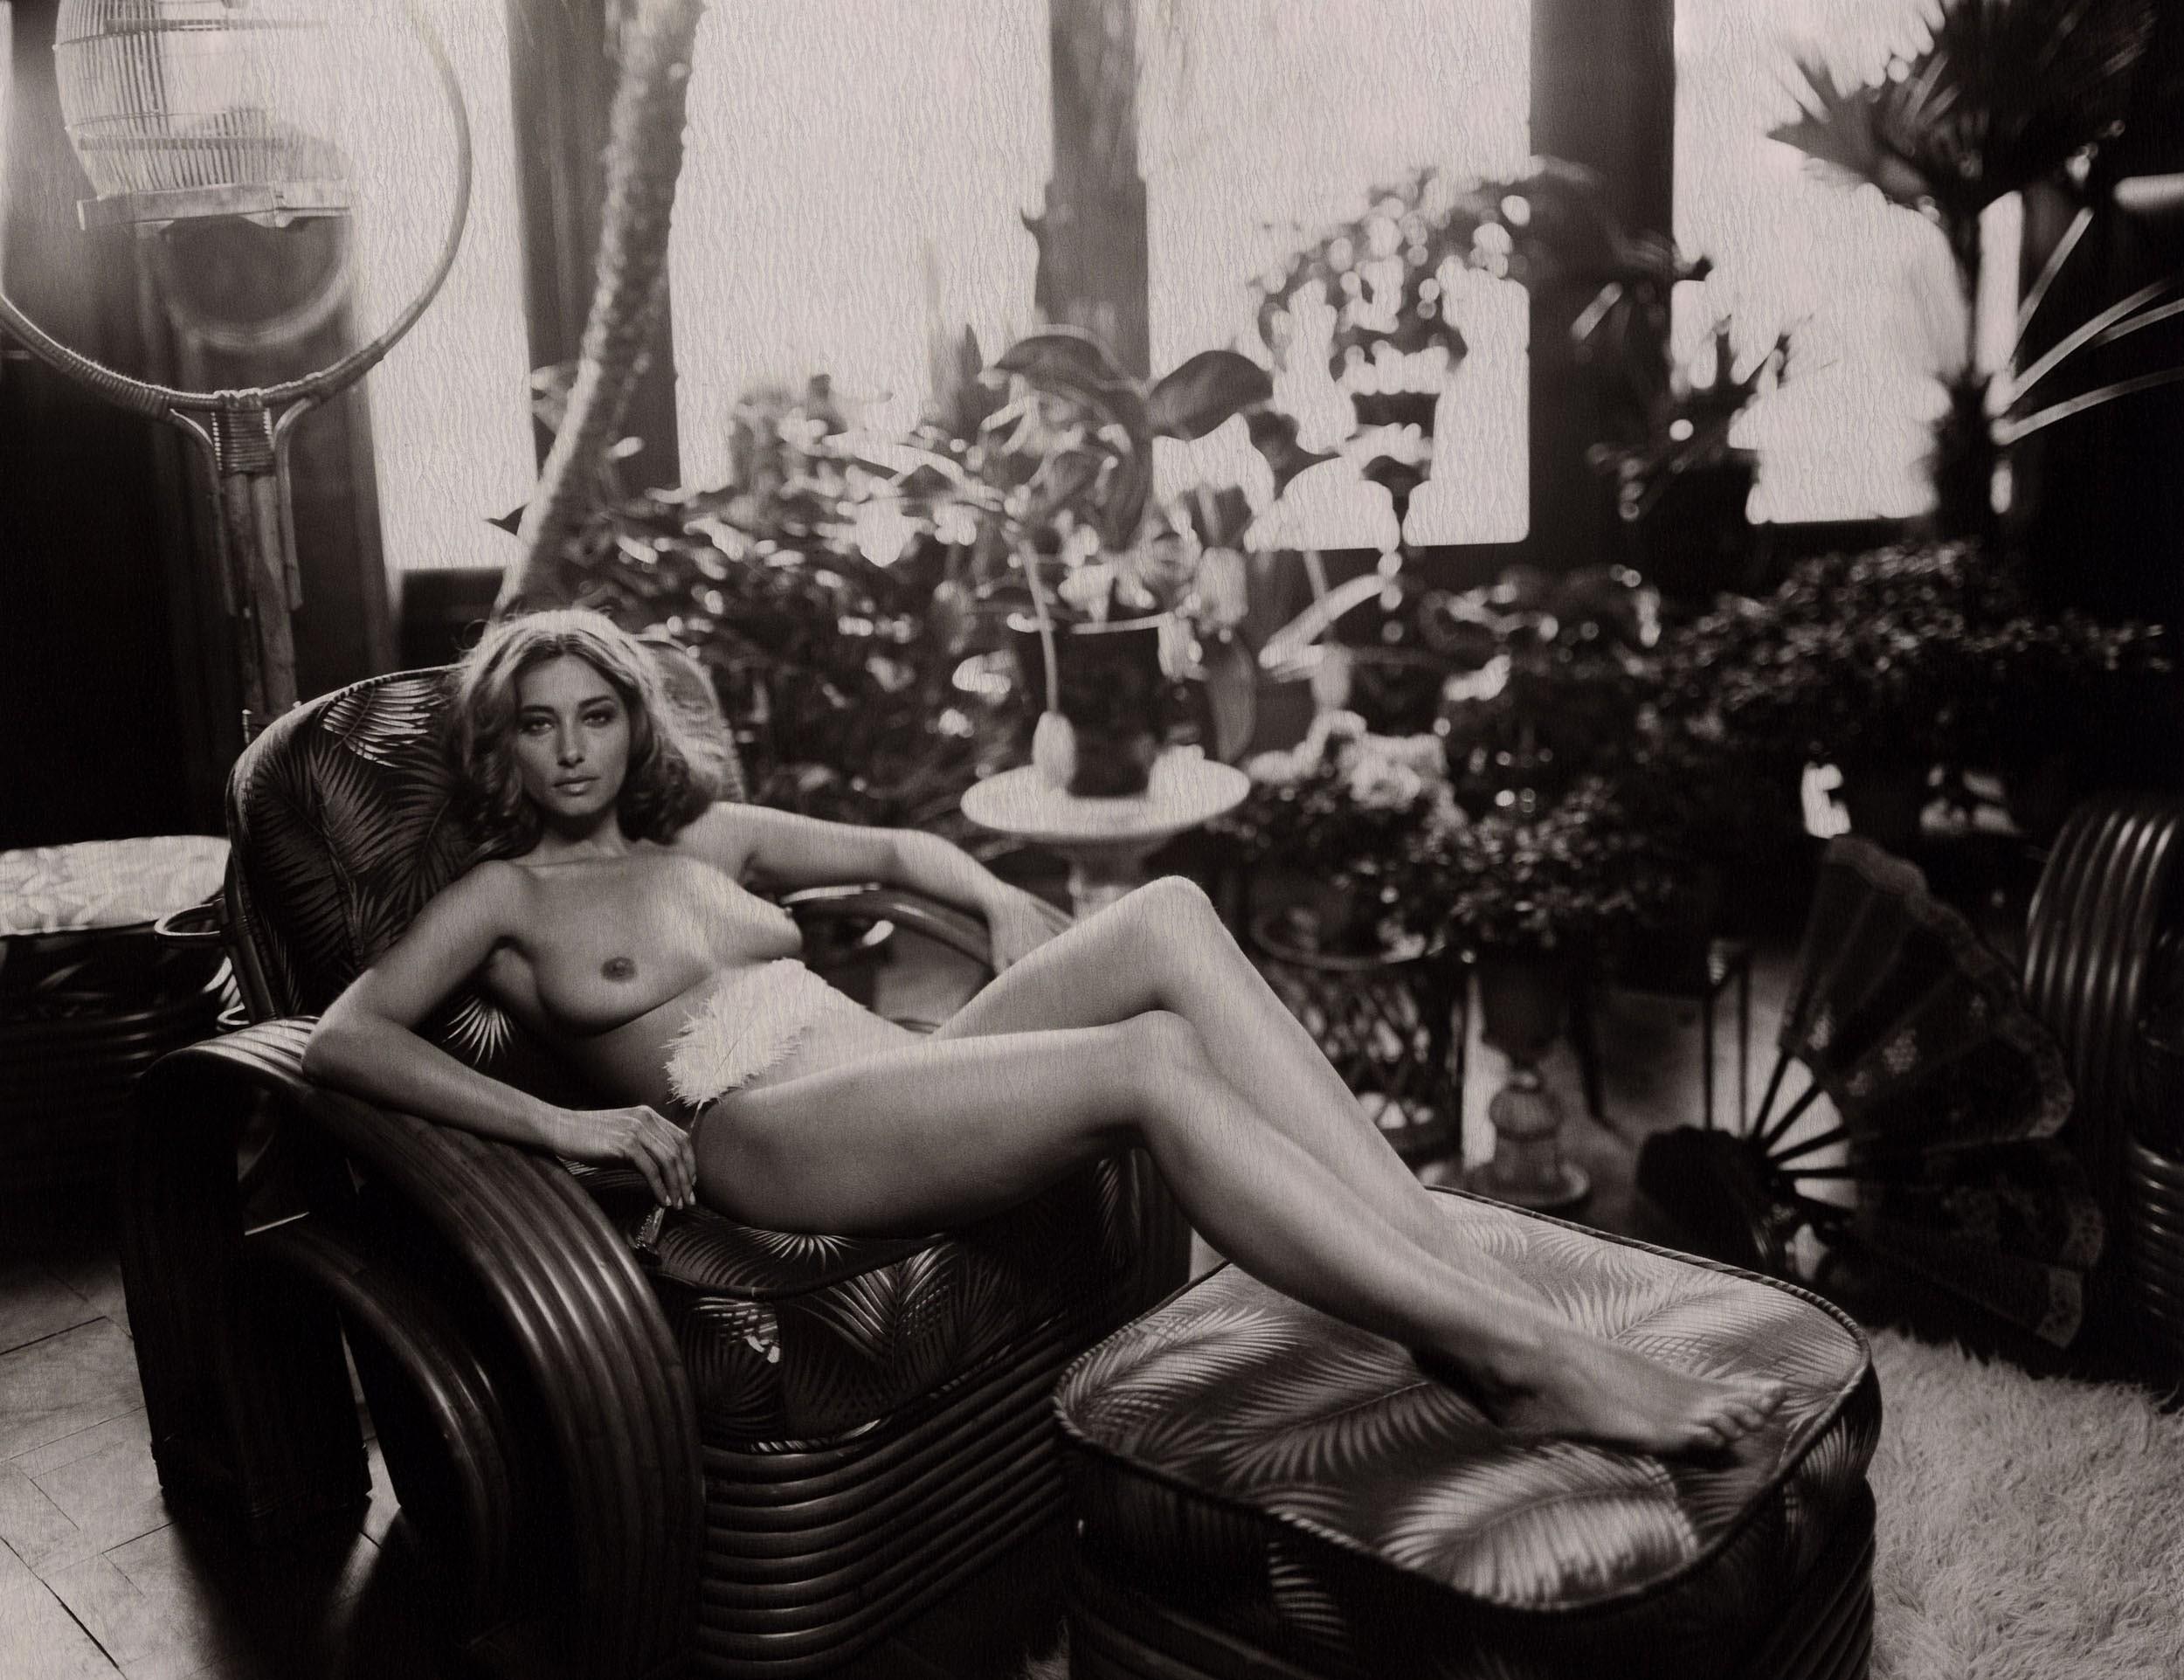 Эротика 80х на фото, Ретро Секс фото х годов 4 фотография